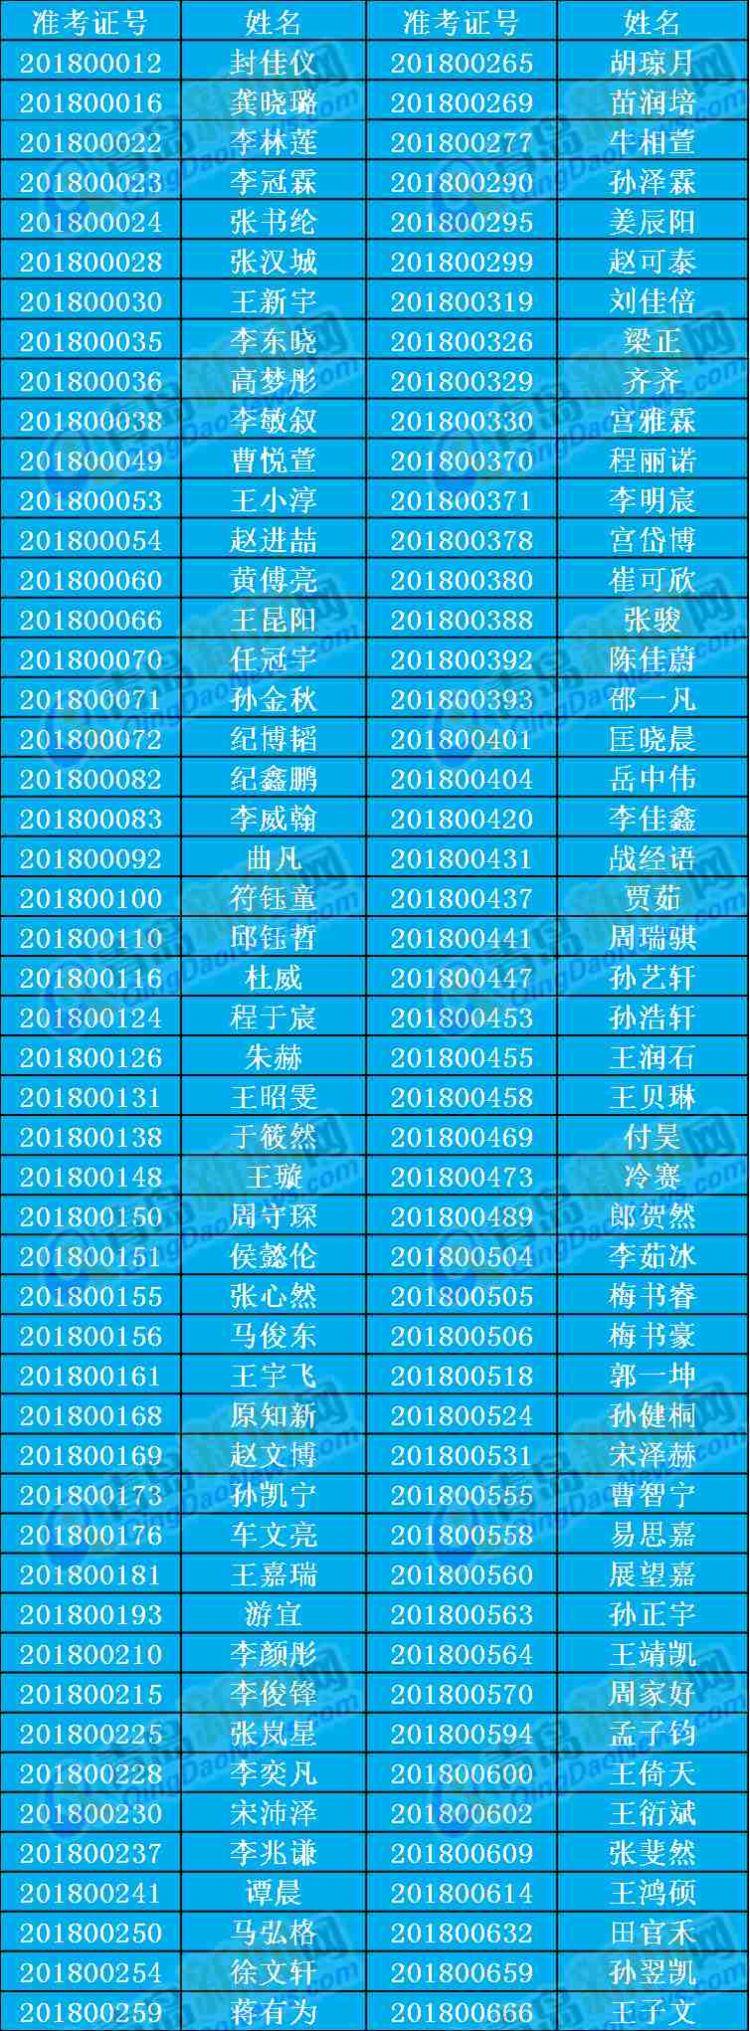 青岛二中自招录取名单公布 百位学霸看看有你认识的没